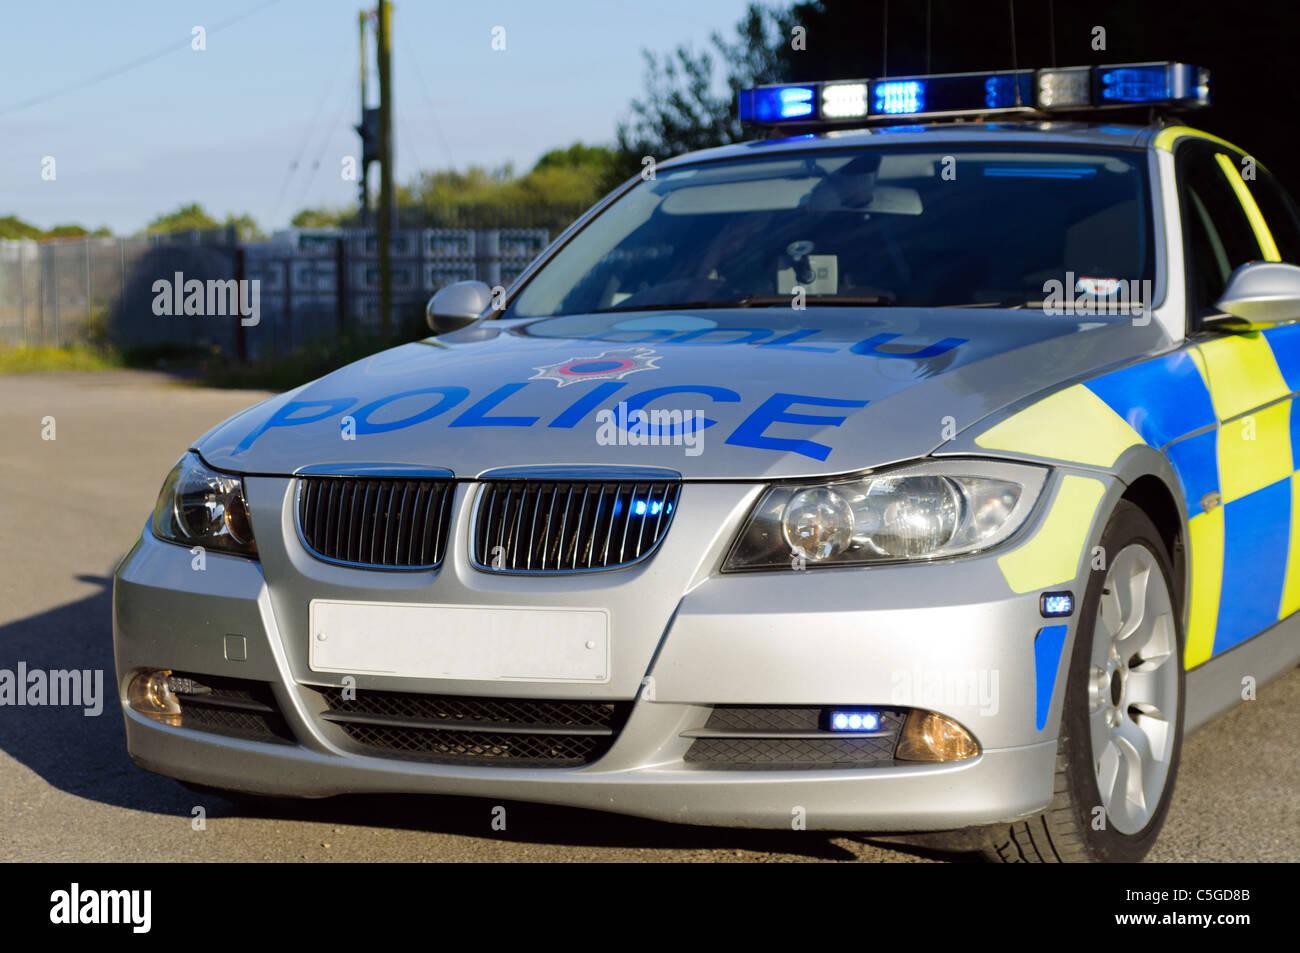 uk police traffic vehicle stock photo: 37855675 - alamy